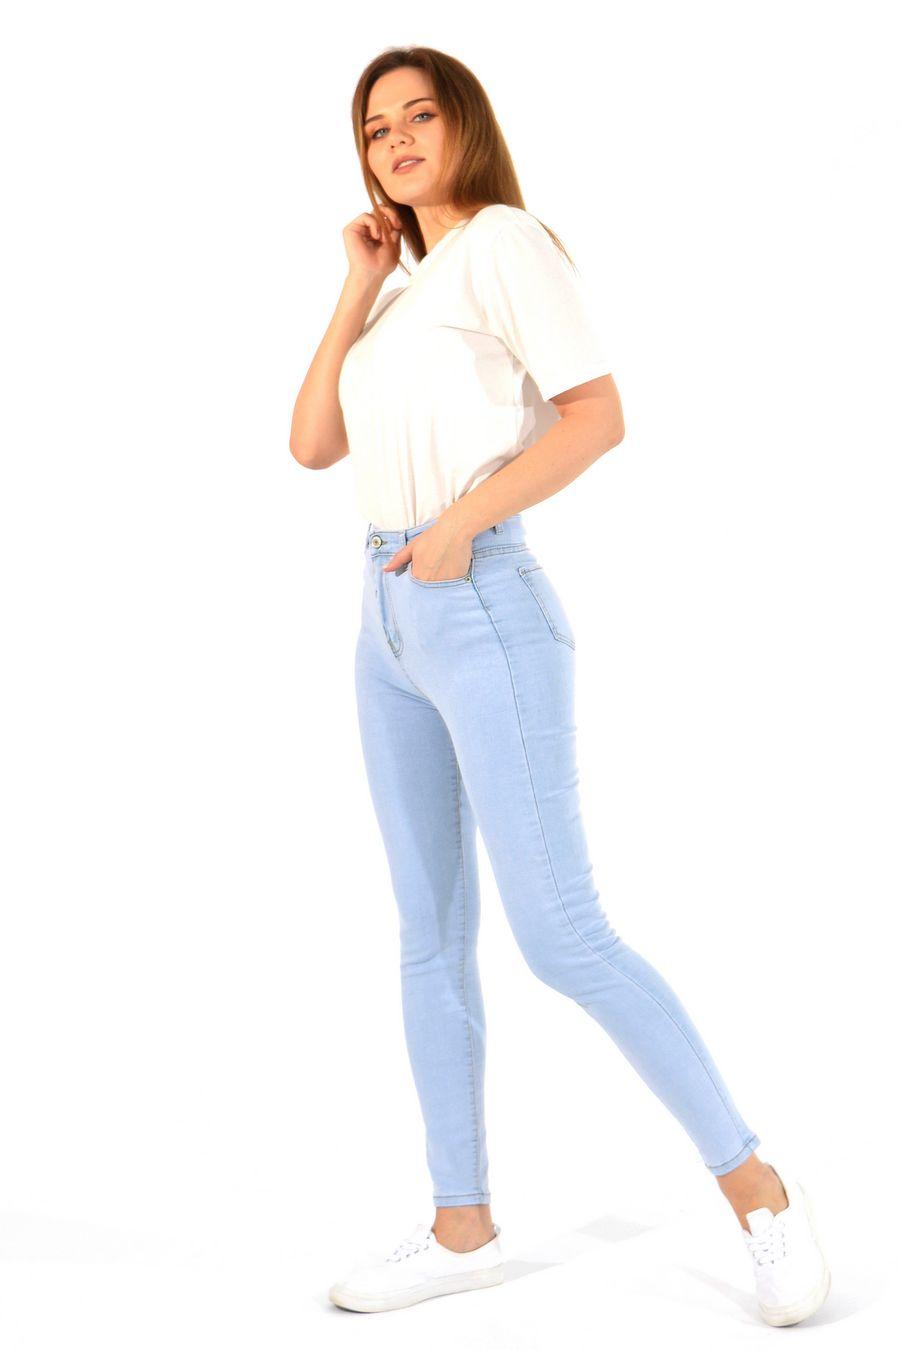 Джинсы женские Denim 836 голубые - фото 3